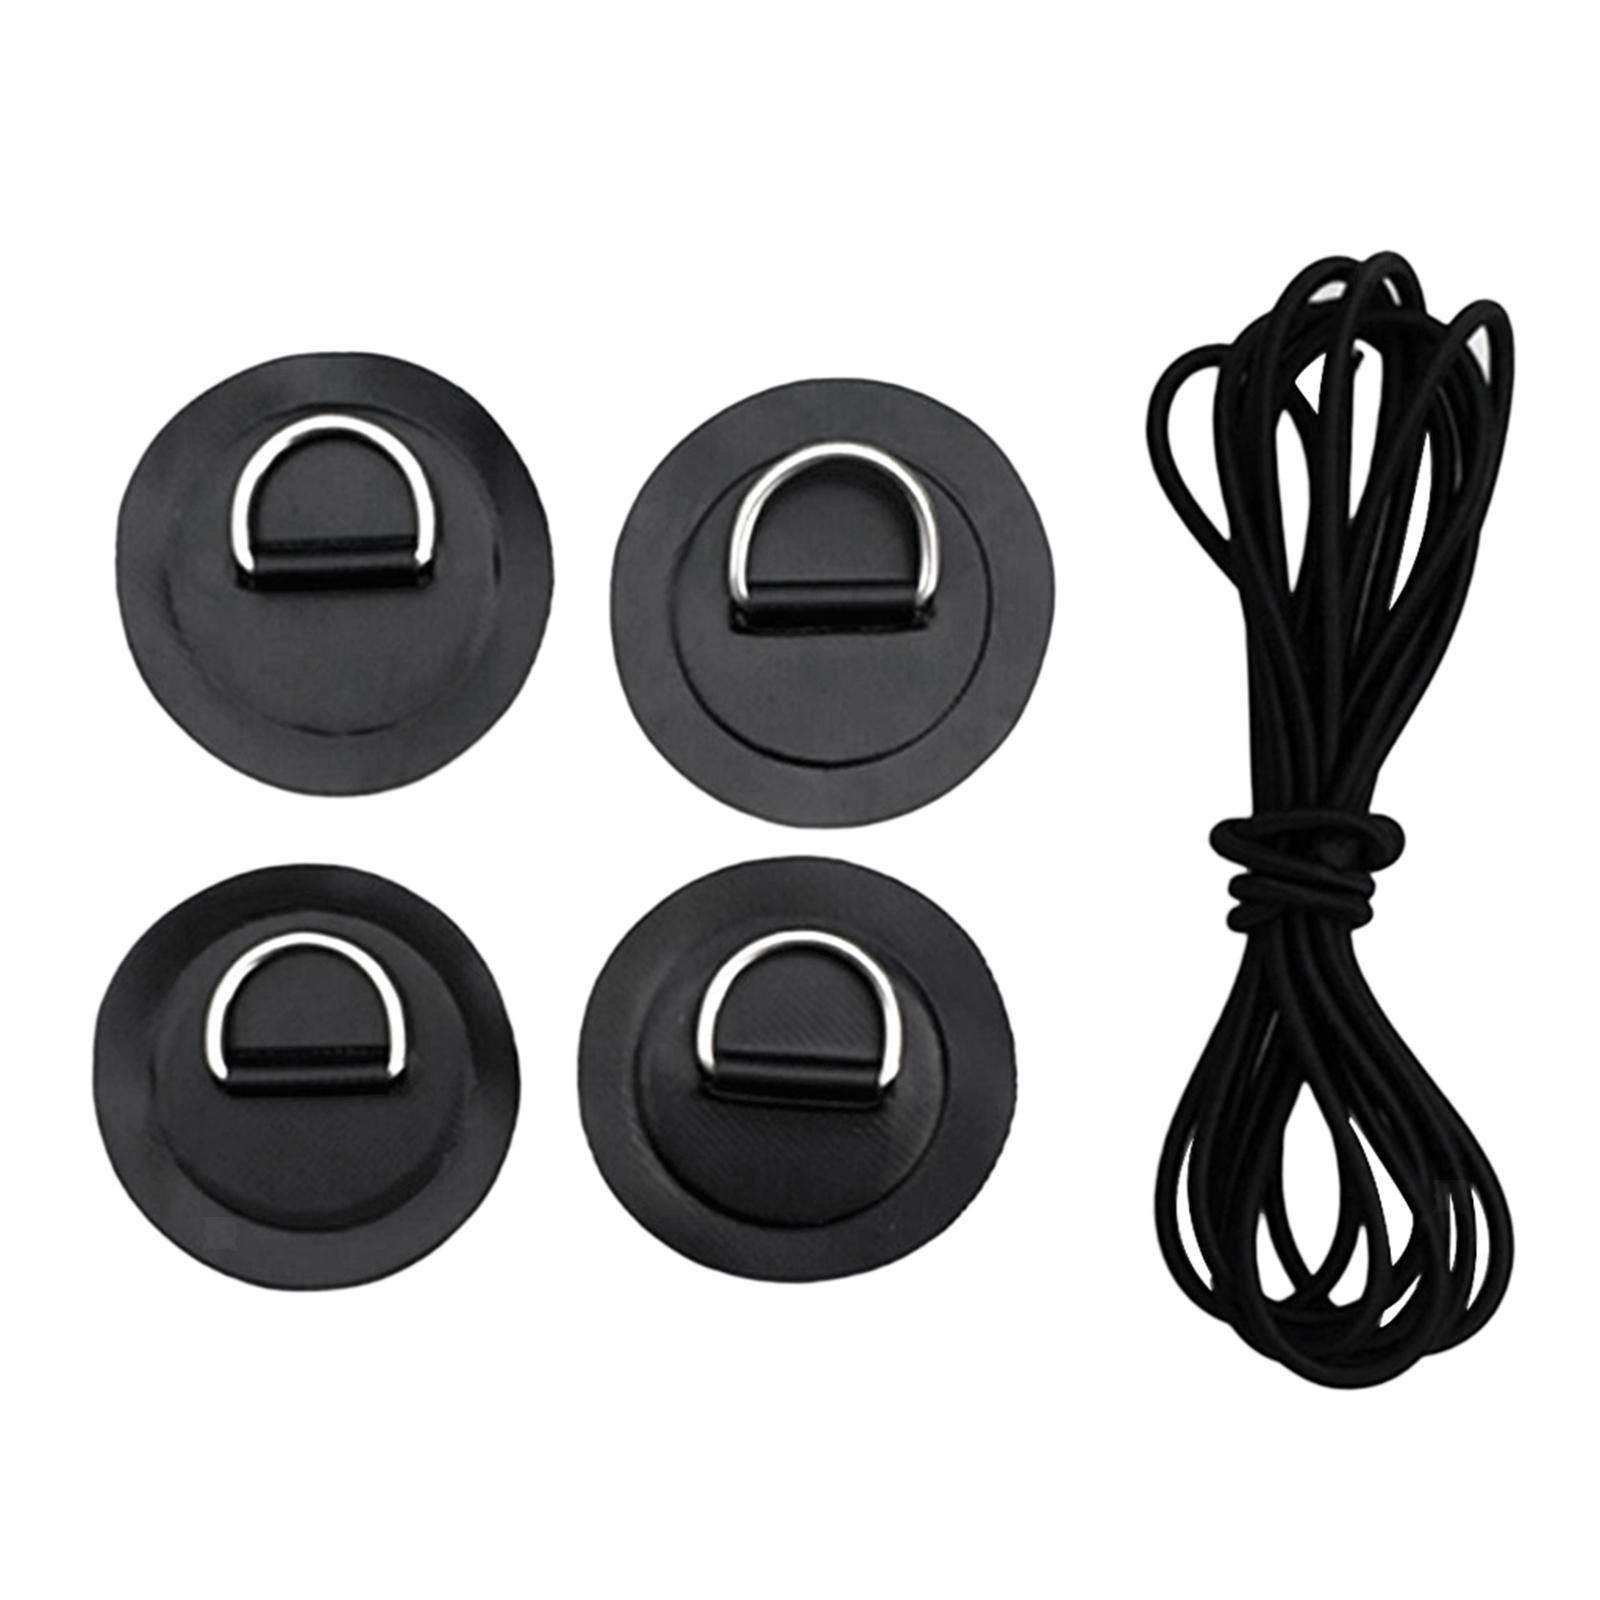 Floß, 4er-Pack Edelstahl D-Ring Patch und Bungee-Seil für Schlauchboot